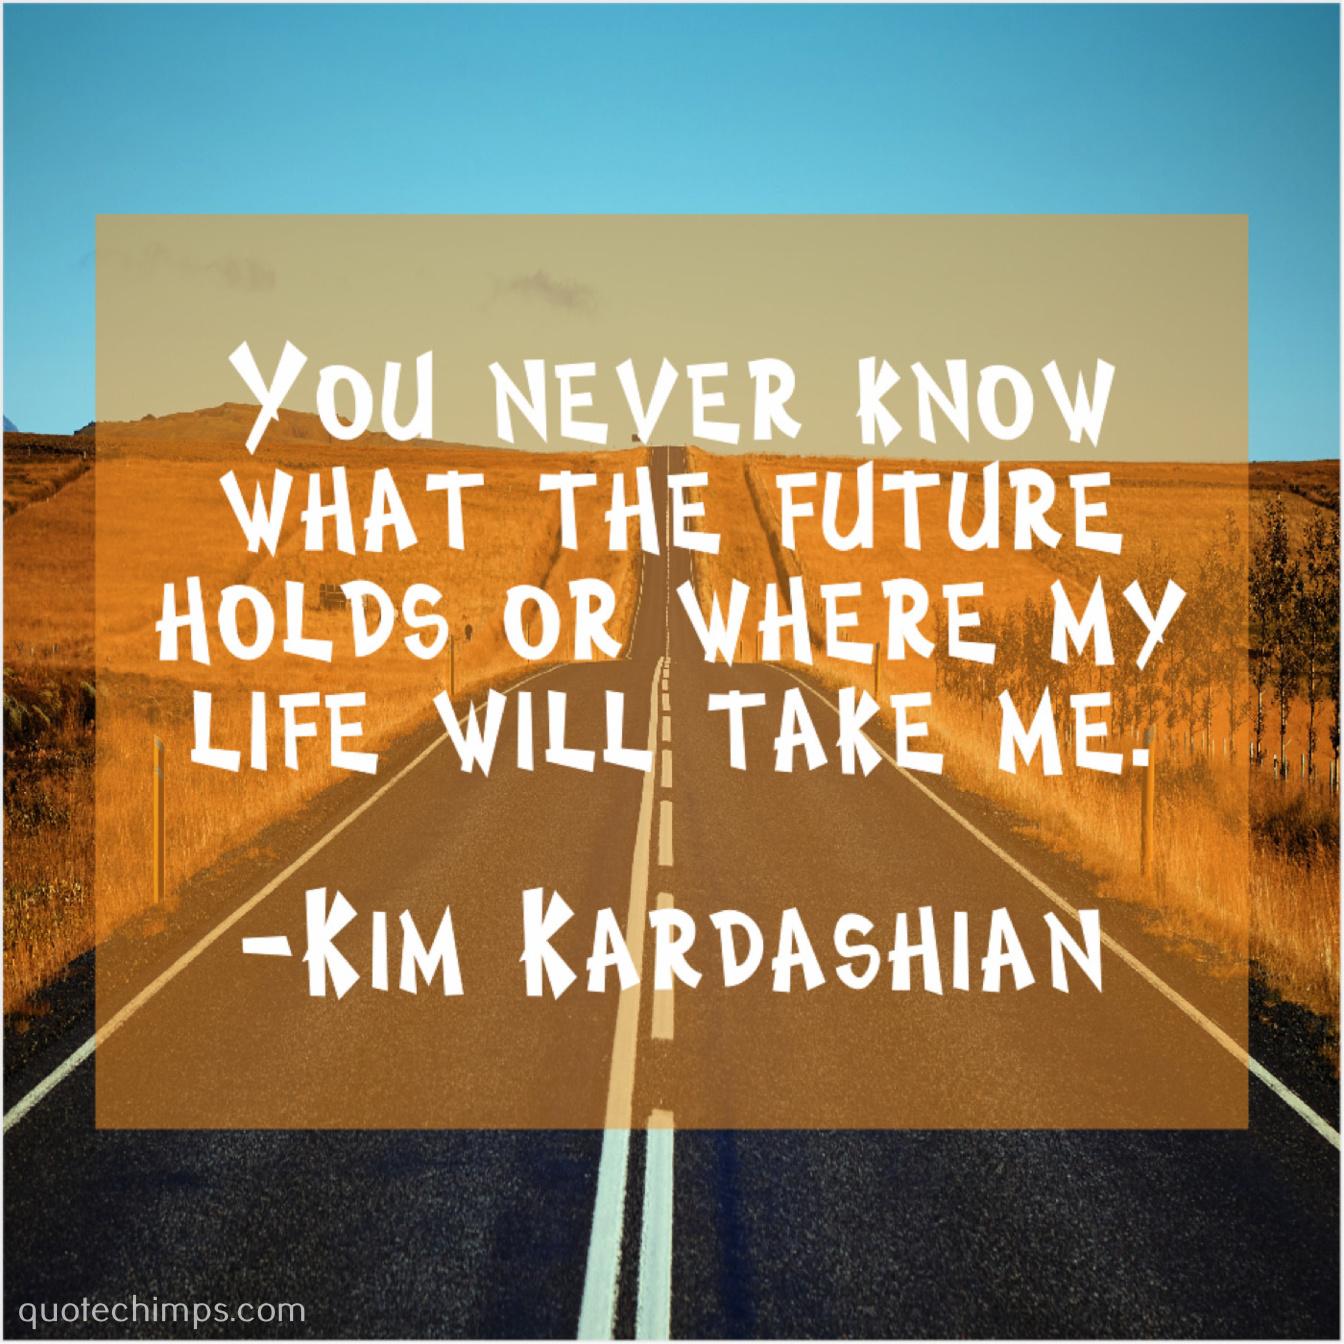 Kim Kardashian Quote Chimps